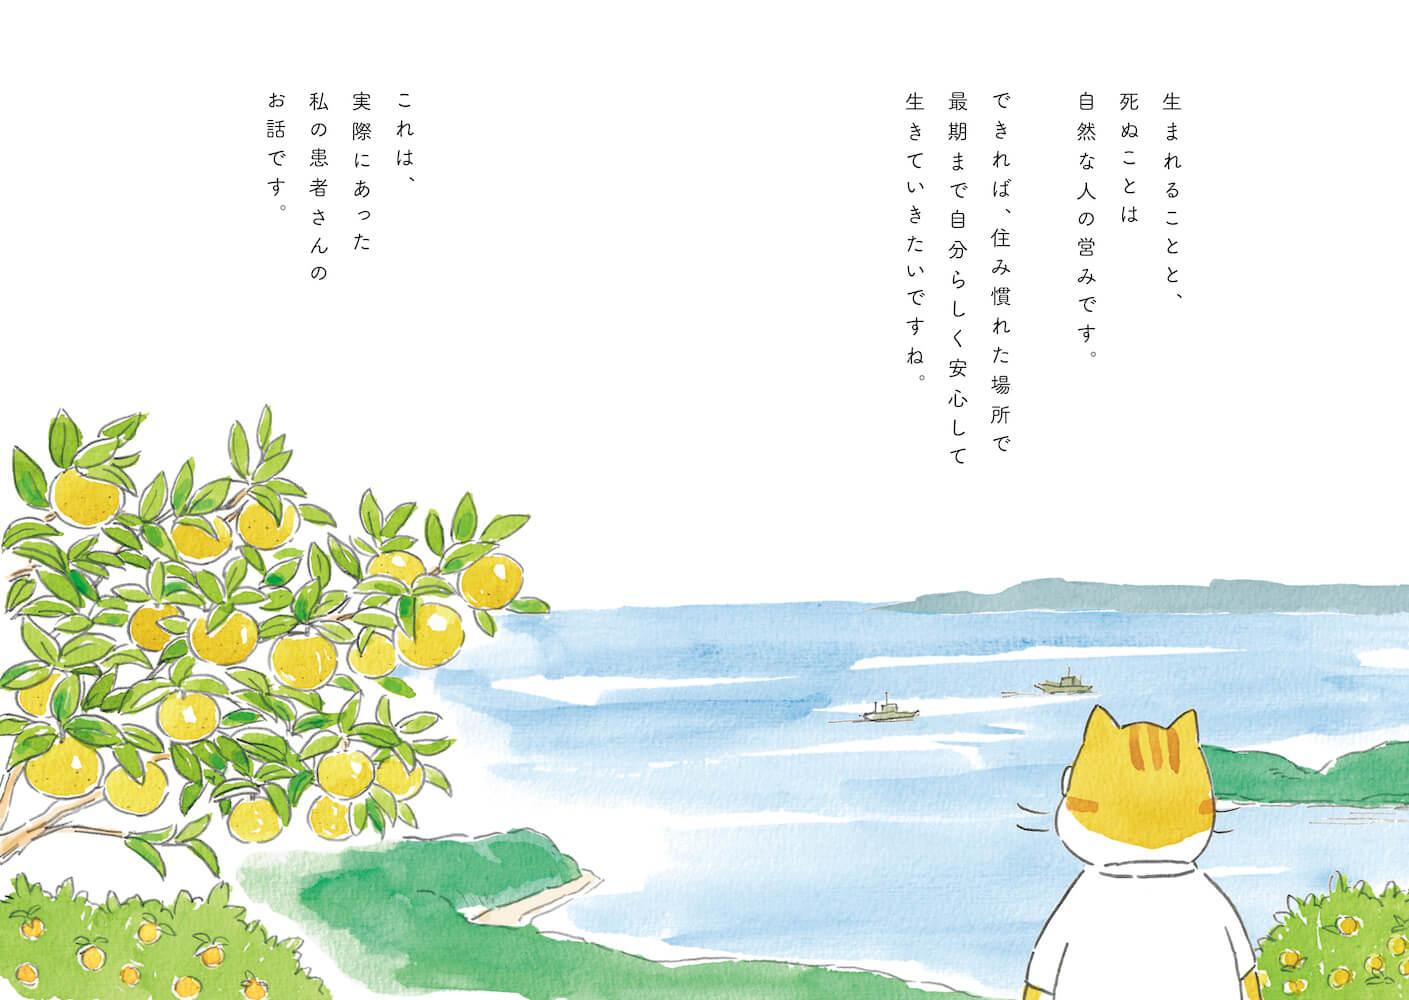 書籍『ねこマンガ 在宅医たんぽぽ先生物語 さいごはおうちで』冒頭シーン